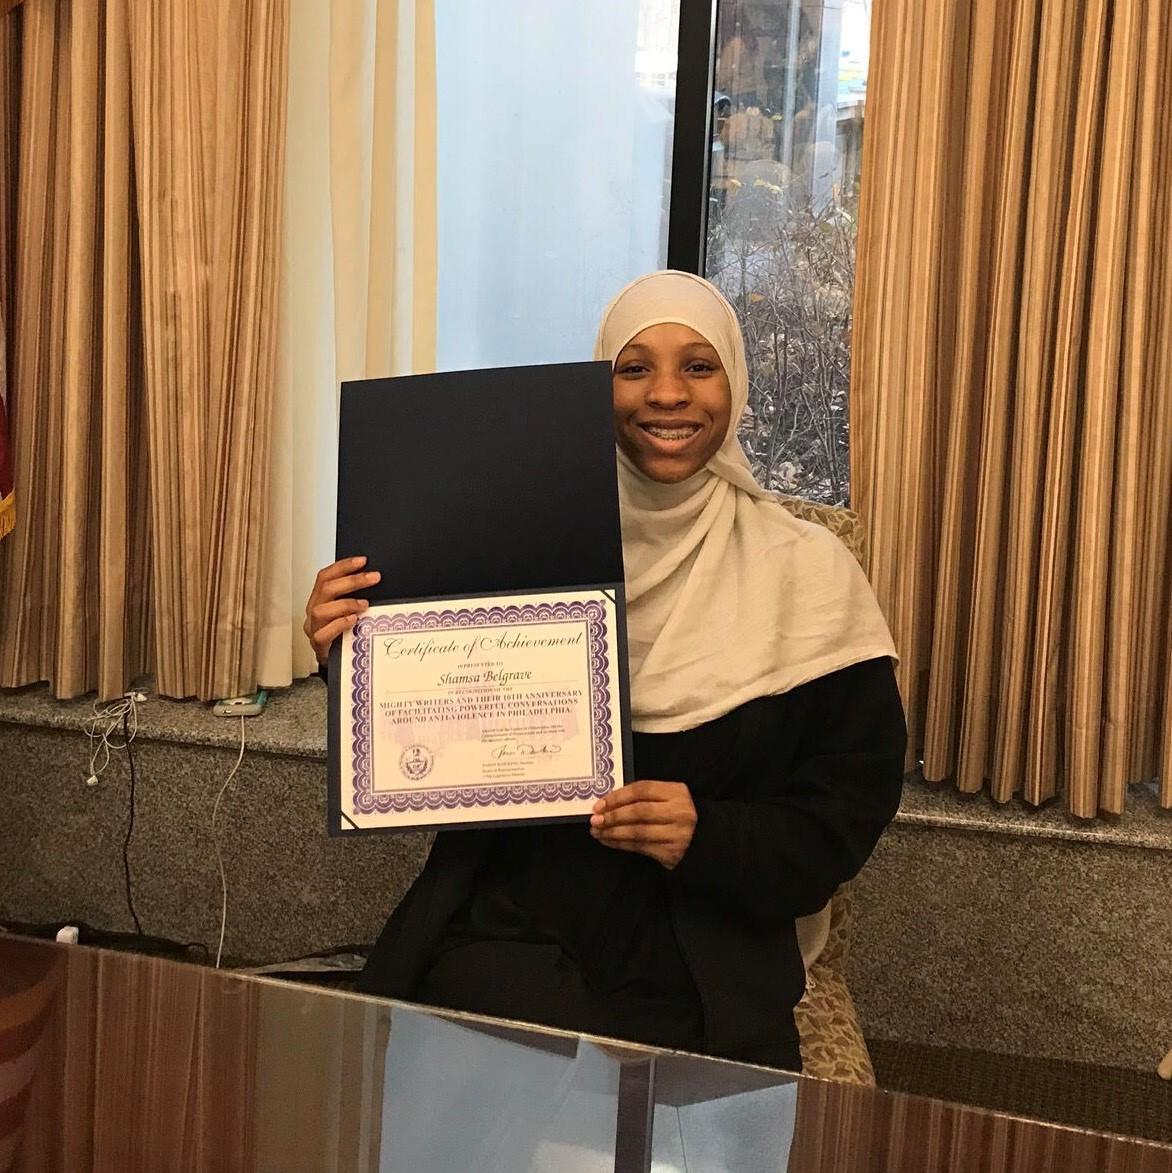 Shamsa smiling and holding up an award